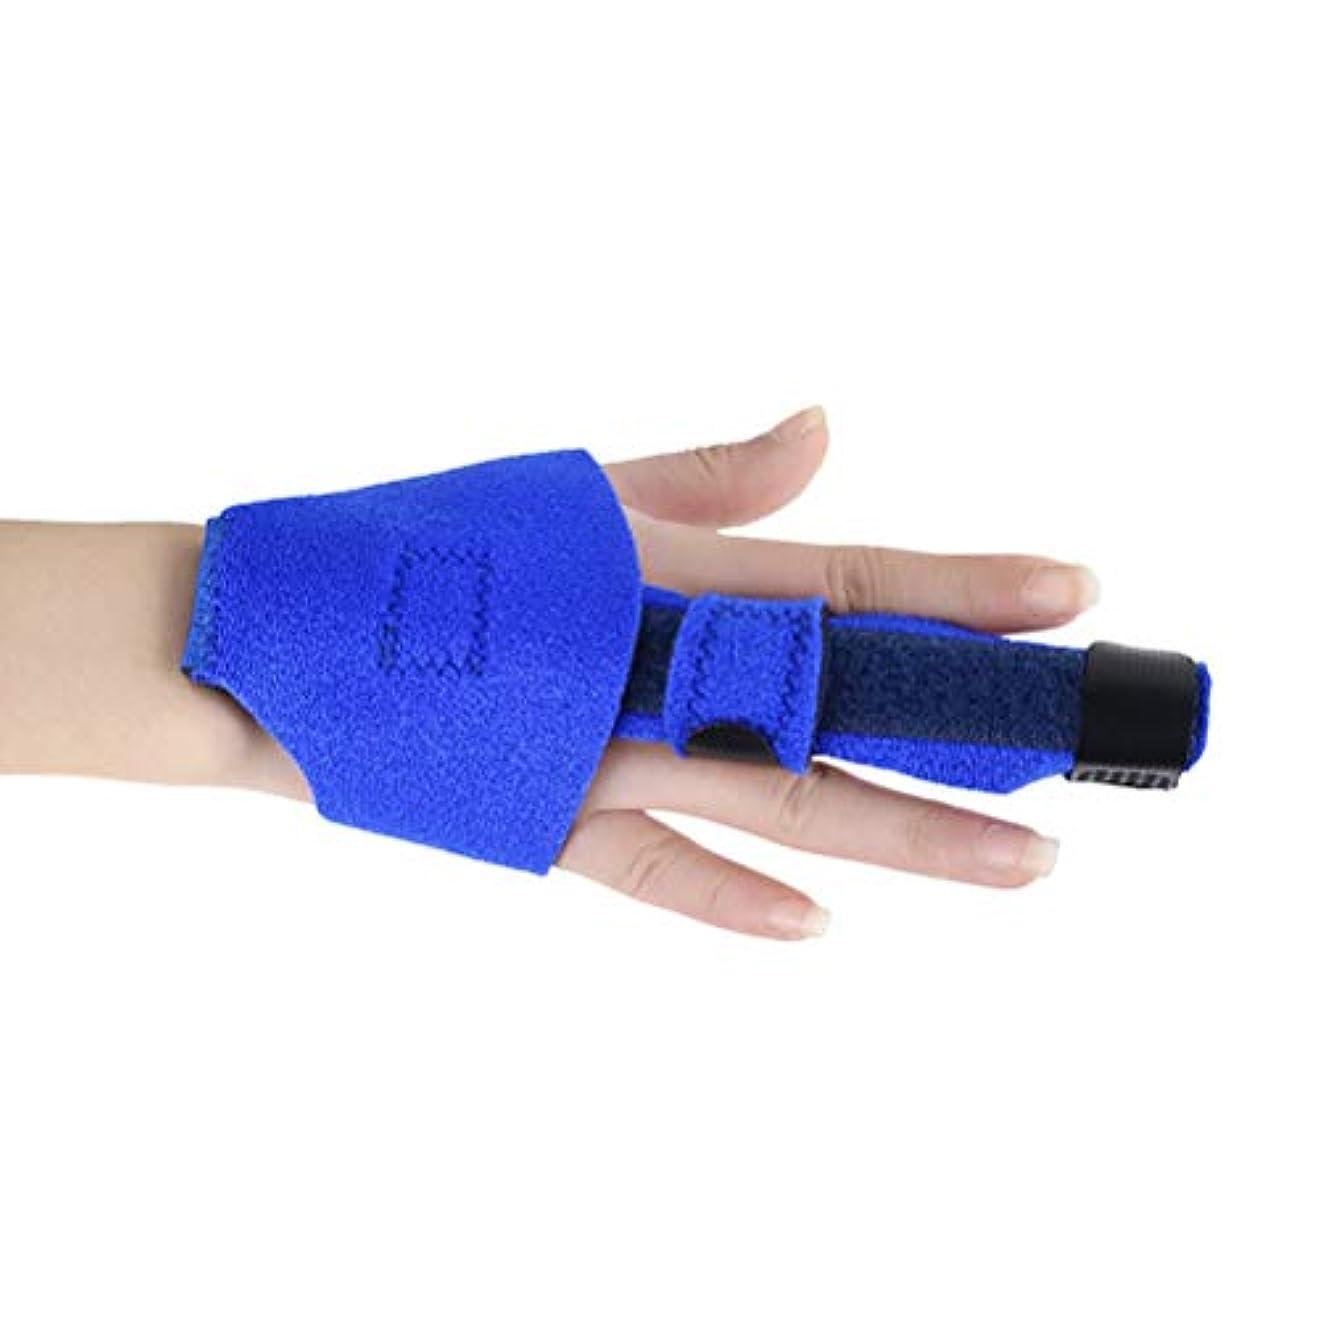 有効な繕うすずめSUPVOX トリガーフィンガースプリント 指サポーター 指の骨折副木壊れた指のサポート手首指固定ブレースプロテクター(ブルー)